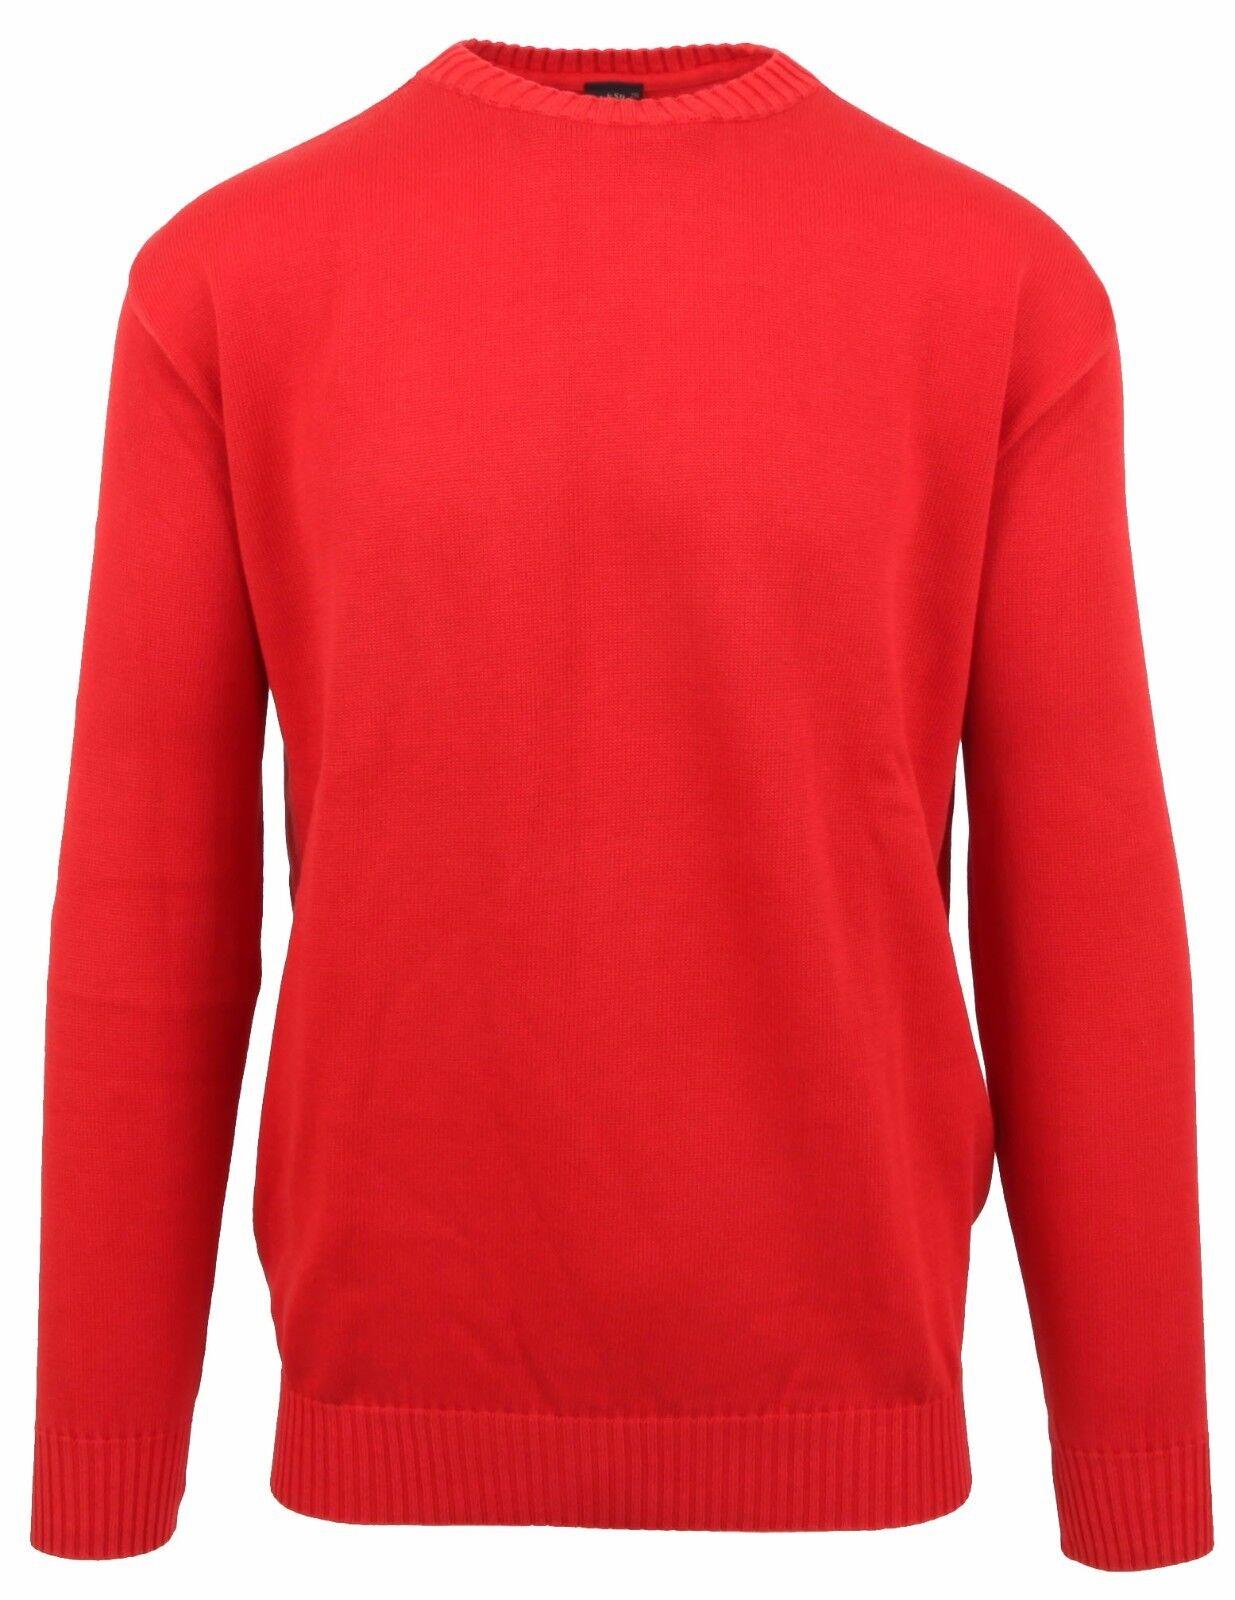 PAUL & SHARK YACHTING Pullover Sweater Rundhals Größe 2XL XXL 100% Baumwolle Rot